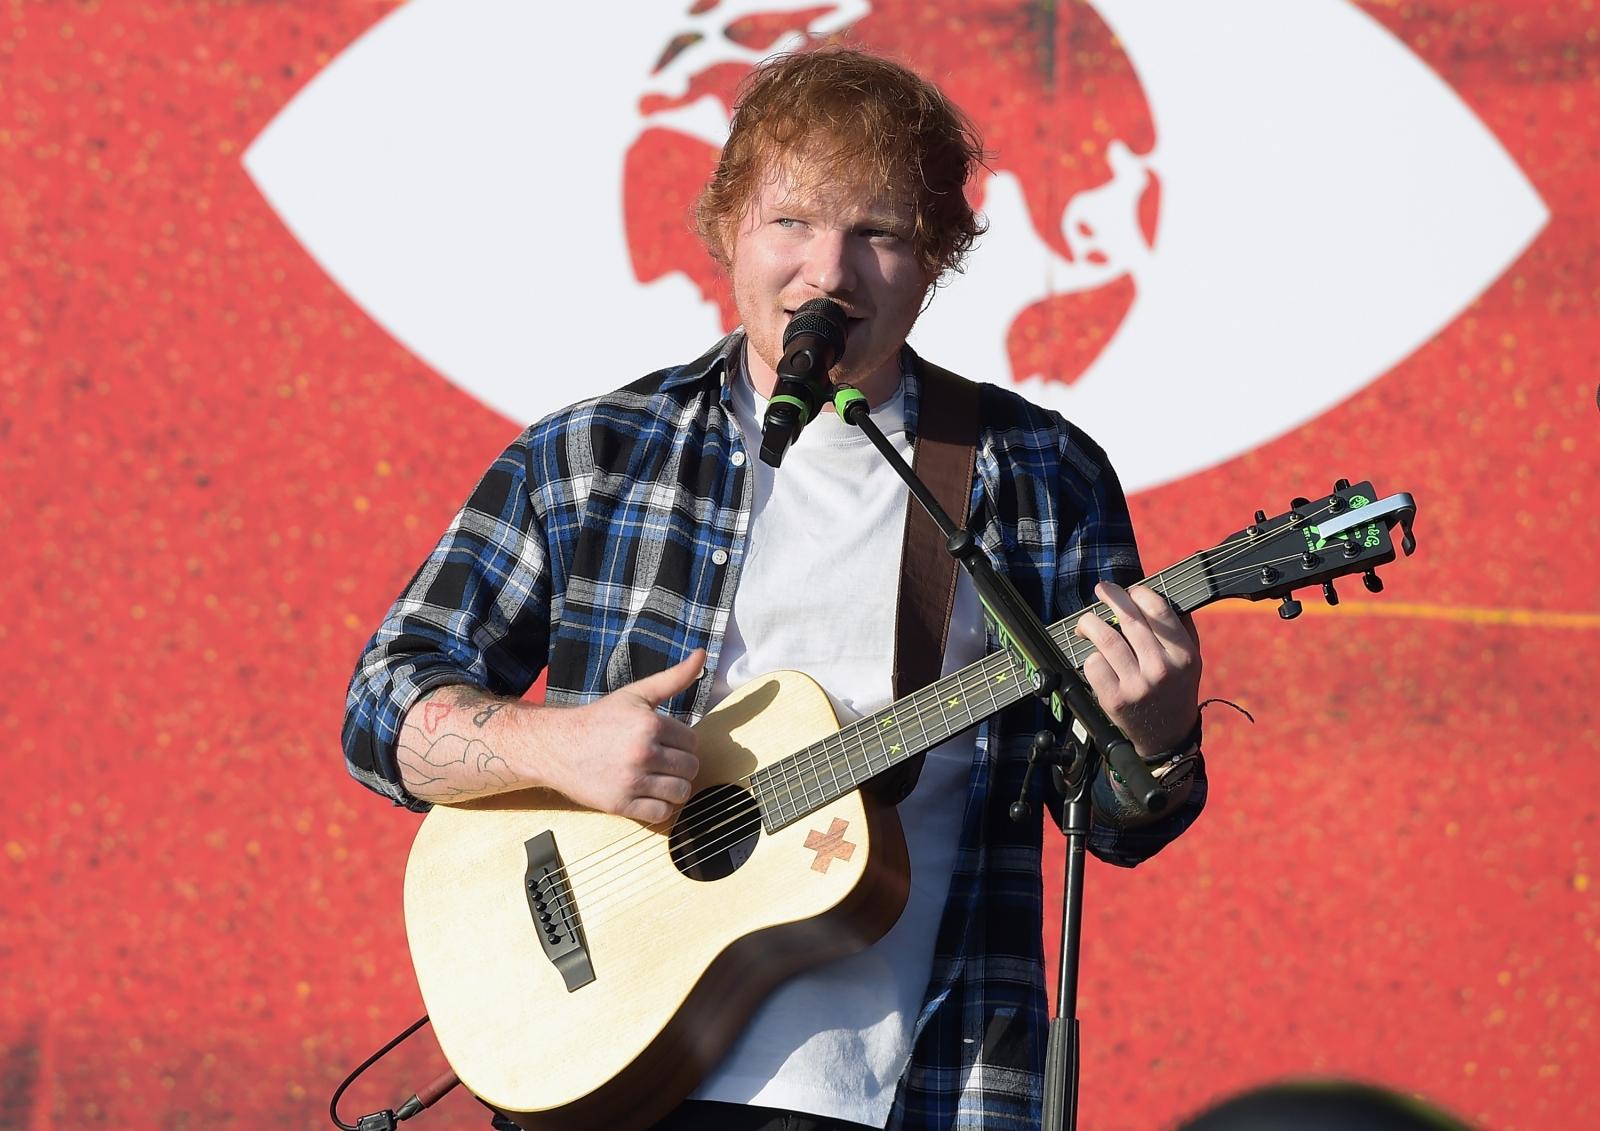 Ed Sheeran: Songs he has written for Justin Bieber, One Direction ...